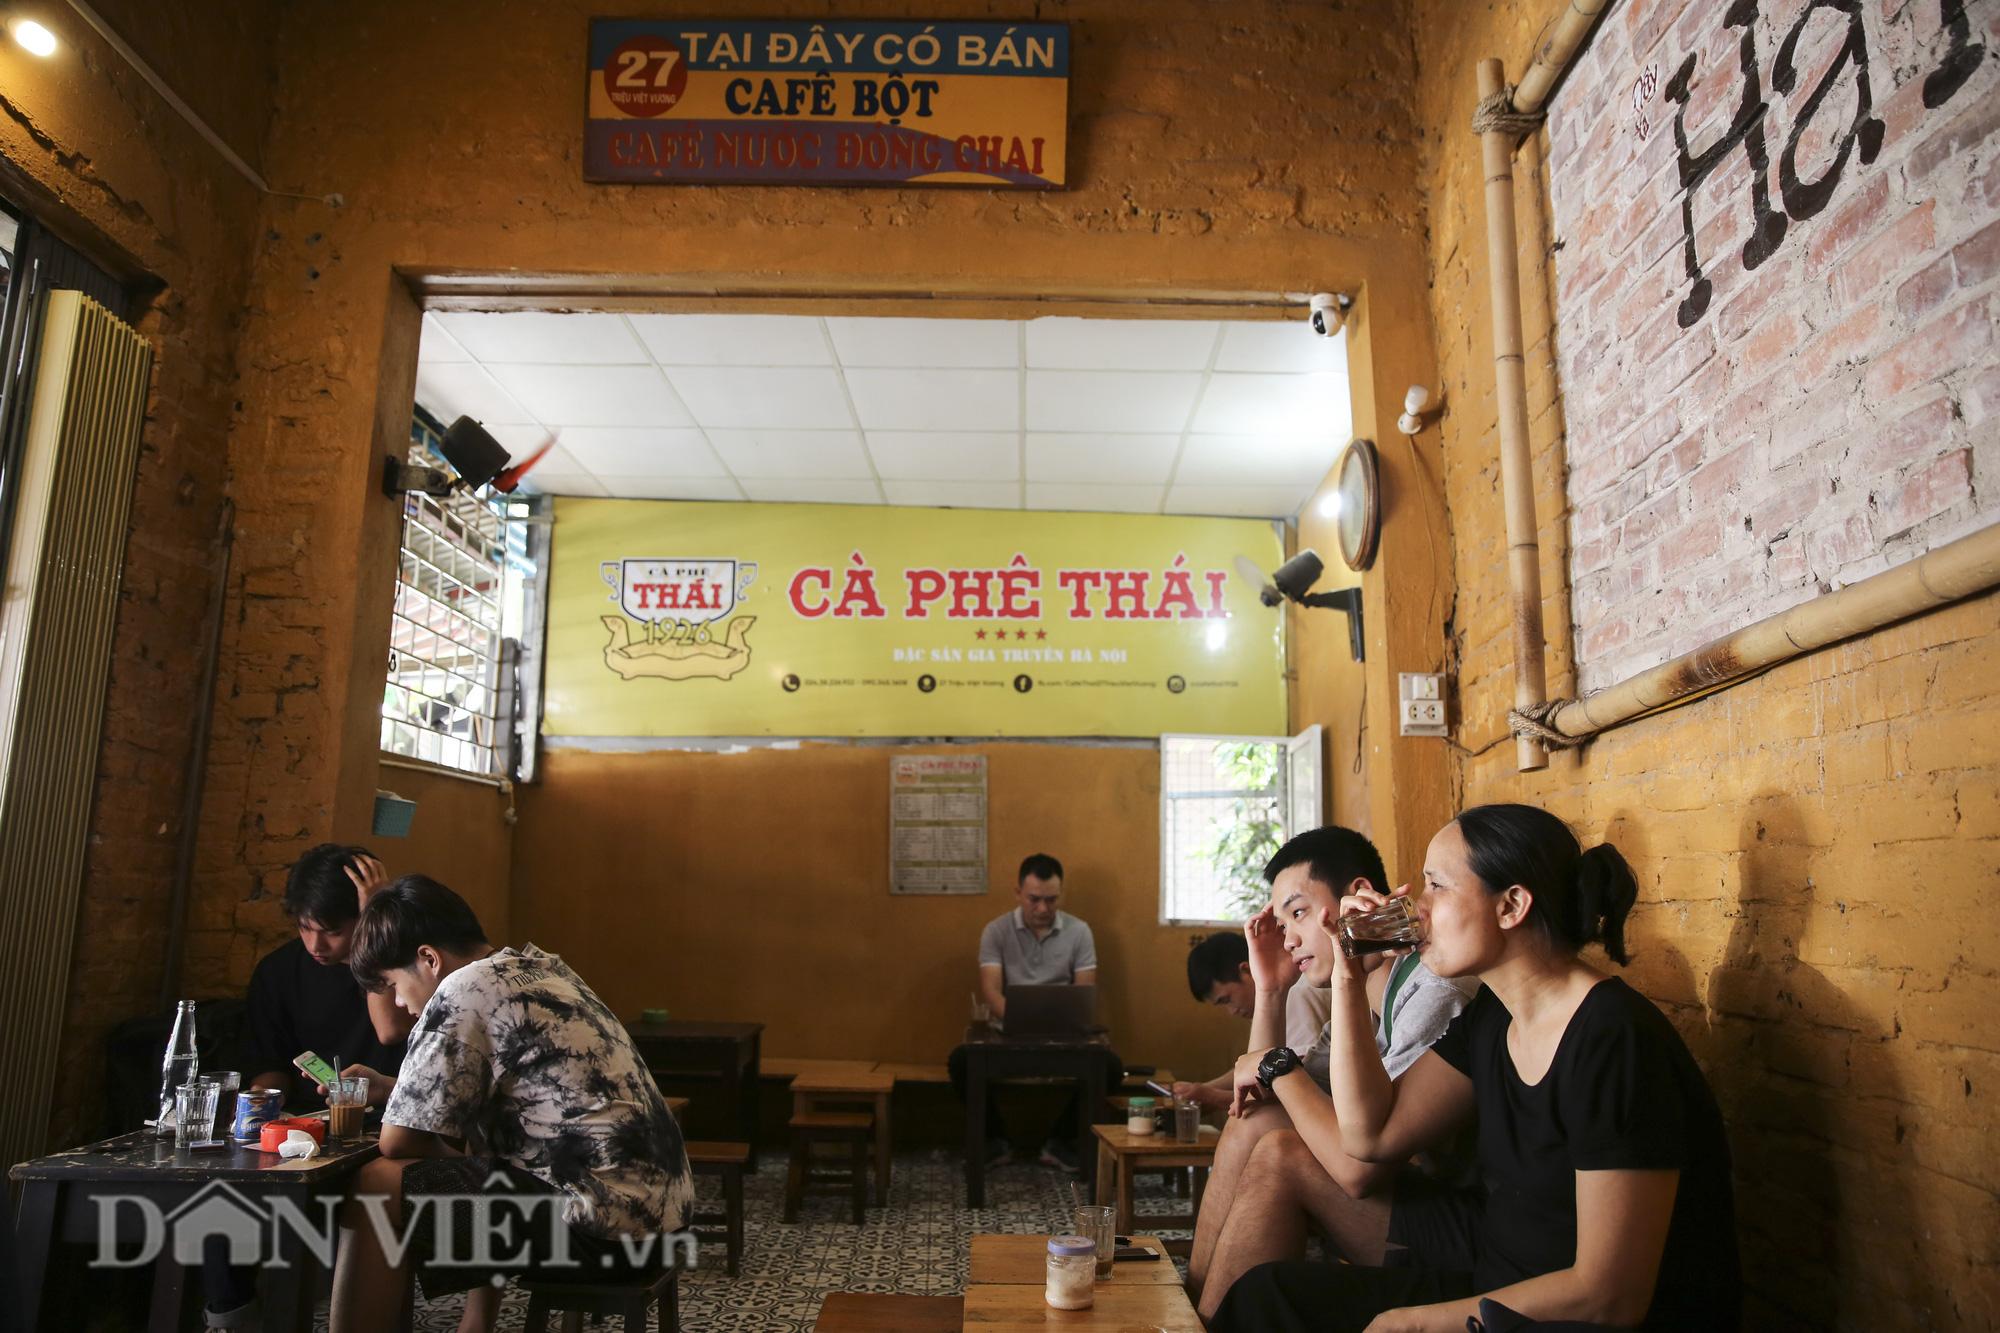 """Ngất ngây hương vị """"rang củi"""" tại quán cà phê lâu đời nhất Hà Nội - Ảnh 4."""